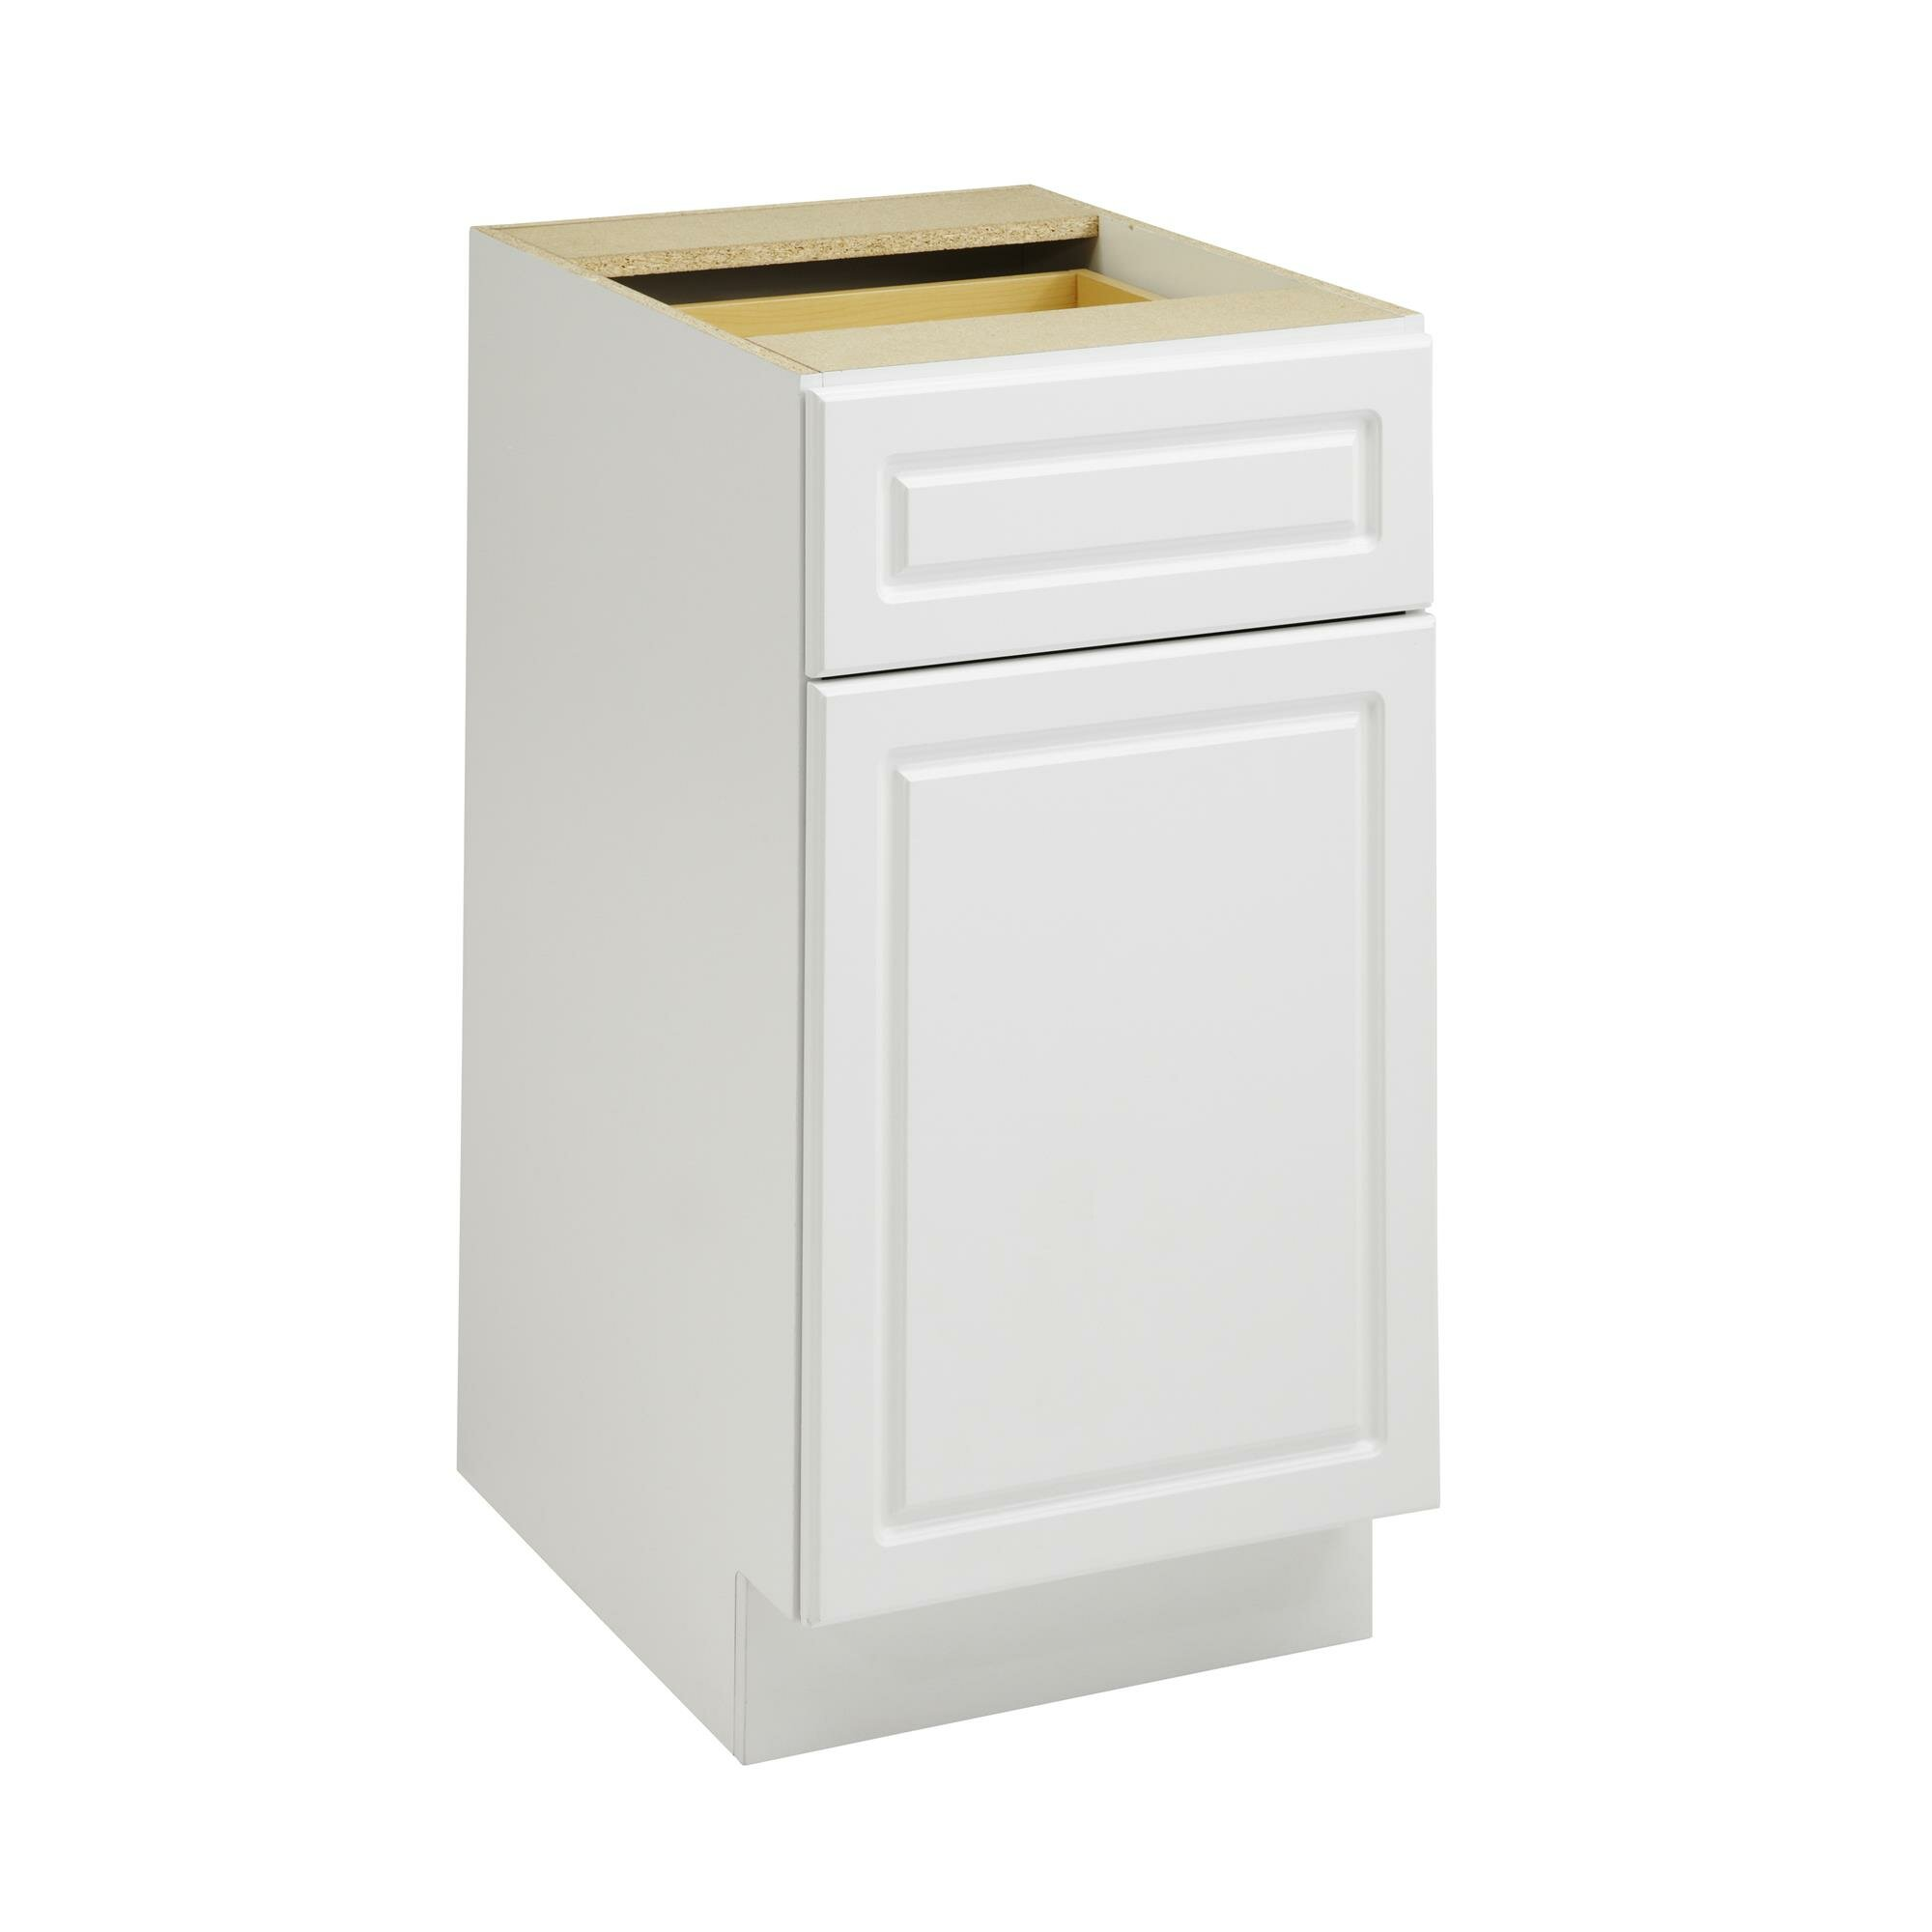 altra keystone 18 1 drawer door base cabinet reviews wayfair. Black Bedroom Furniture Sets. Home Design Ideas